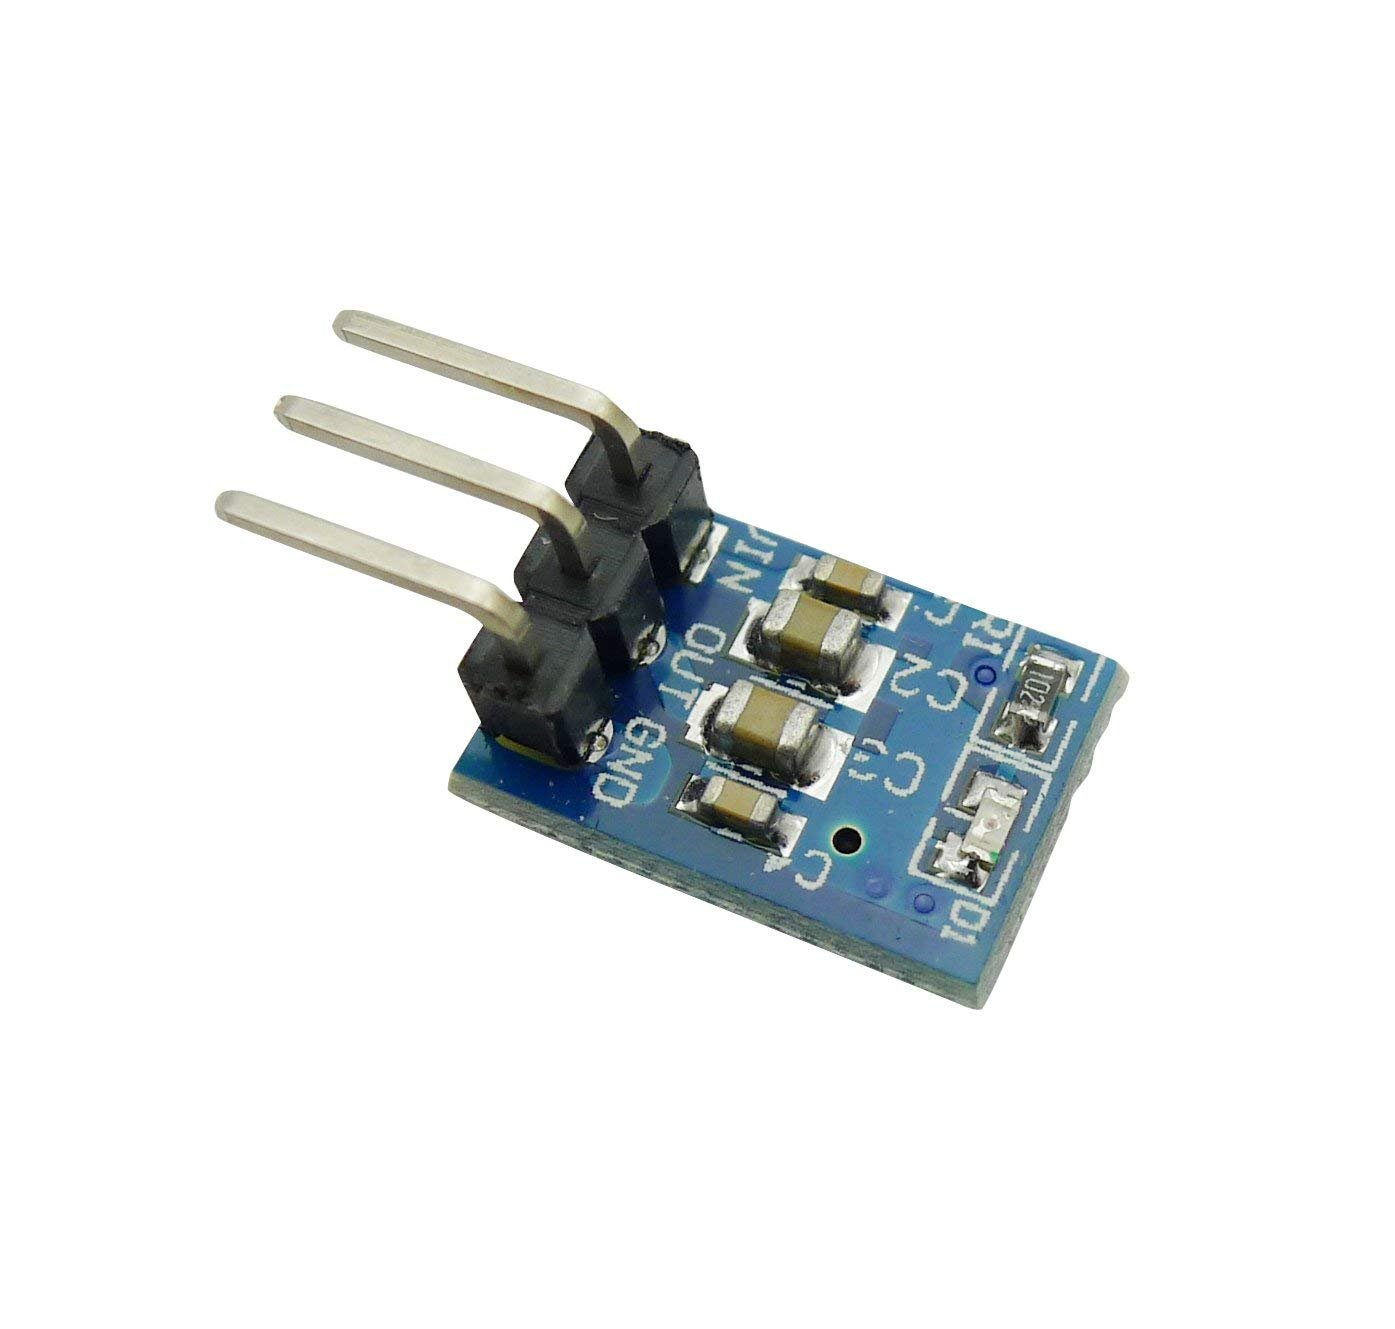 Voltaggio Regolatore Step-Down Alimentazione elettrica Buck Modulo 800mA Aihasd 10PCS AMS1117-3.3 CC 4,75 V-12 V a 3,3 V